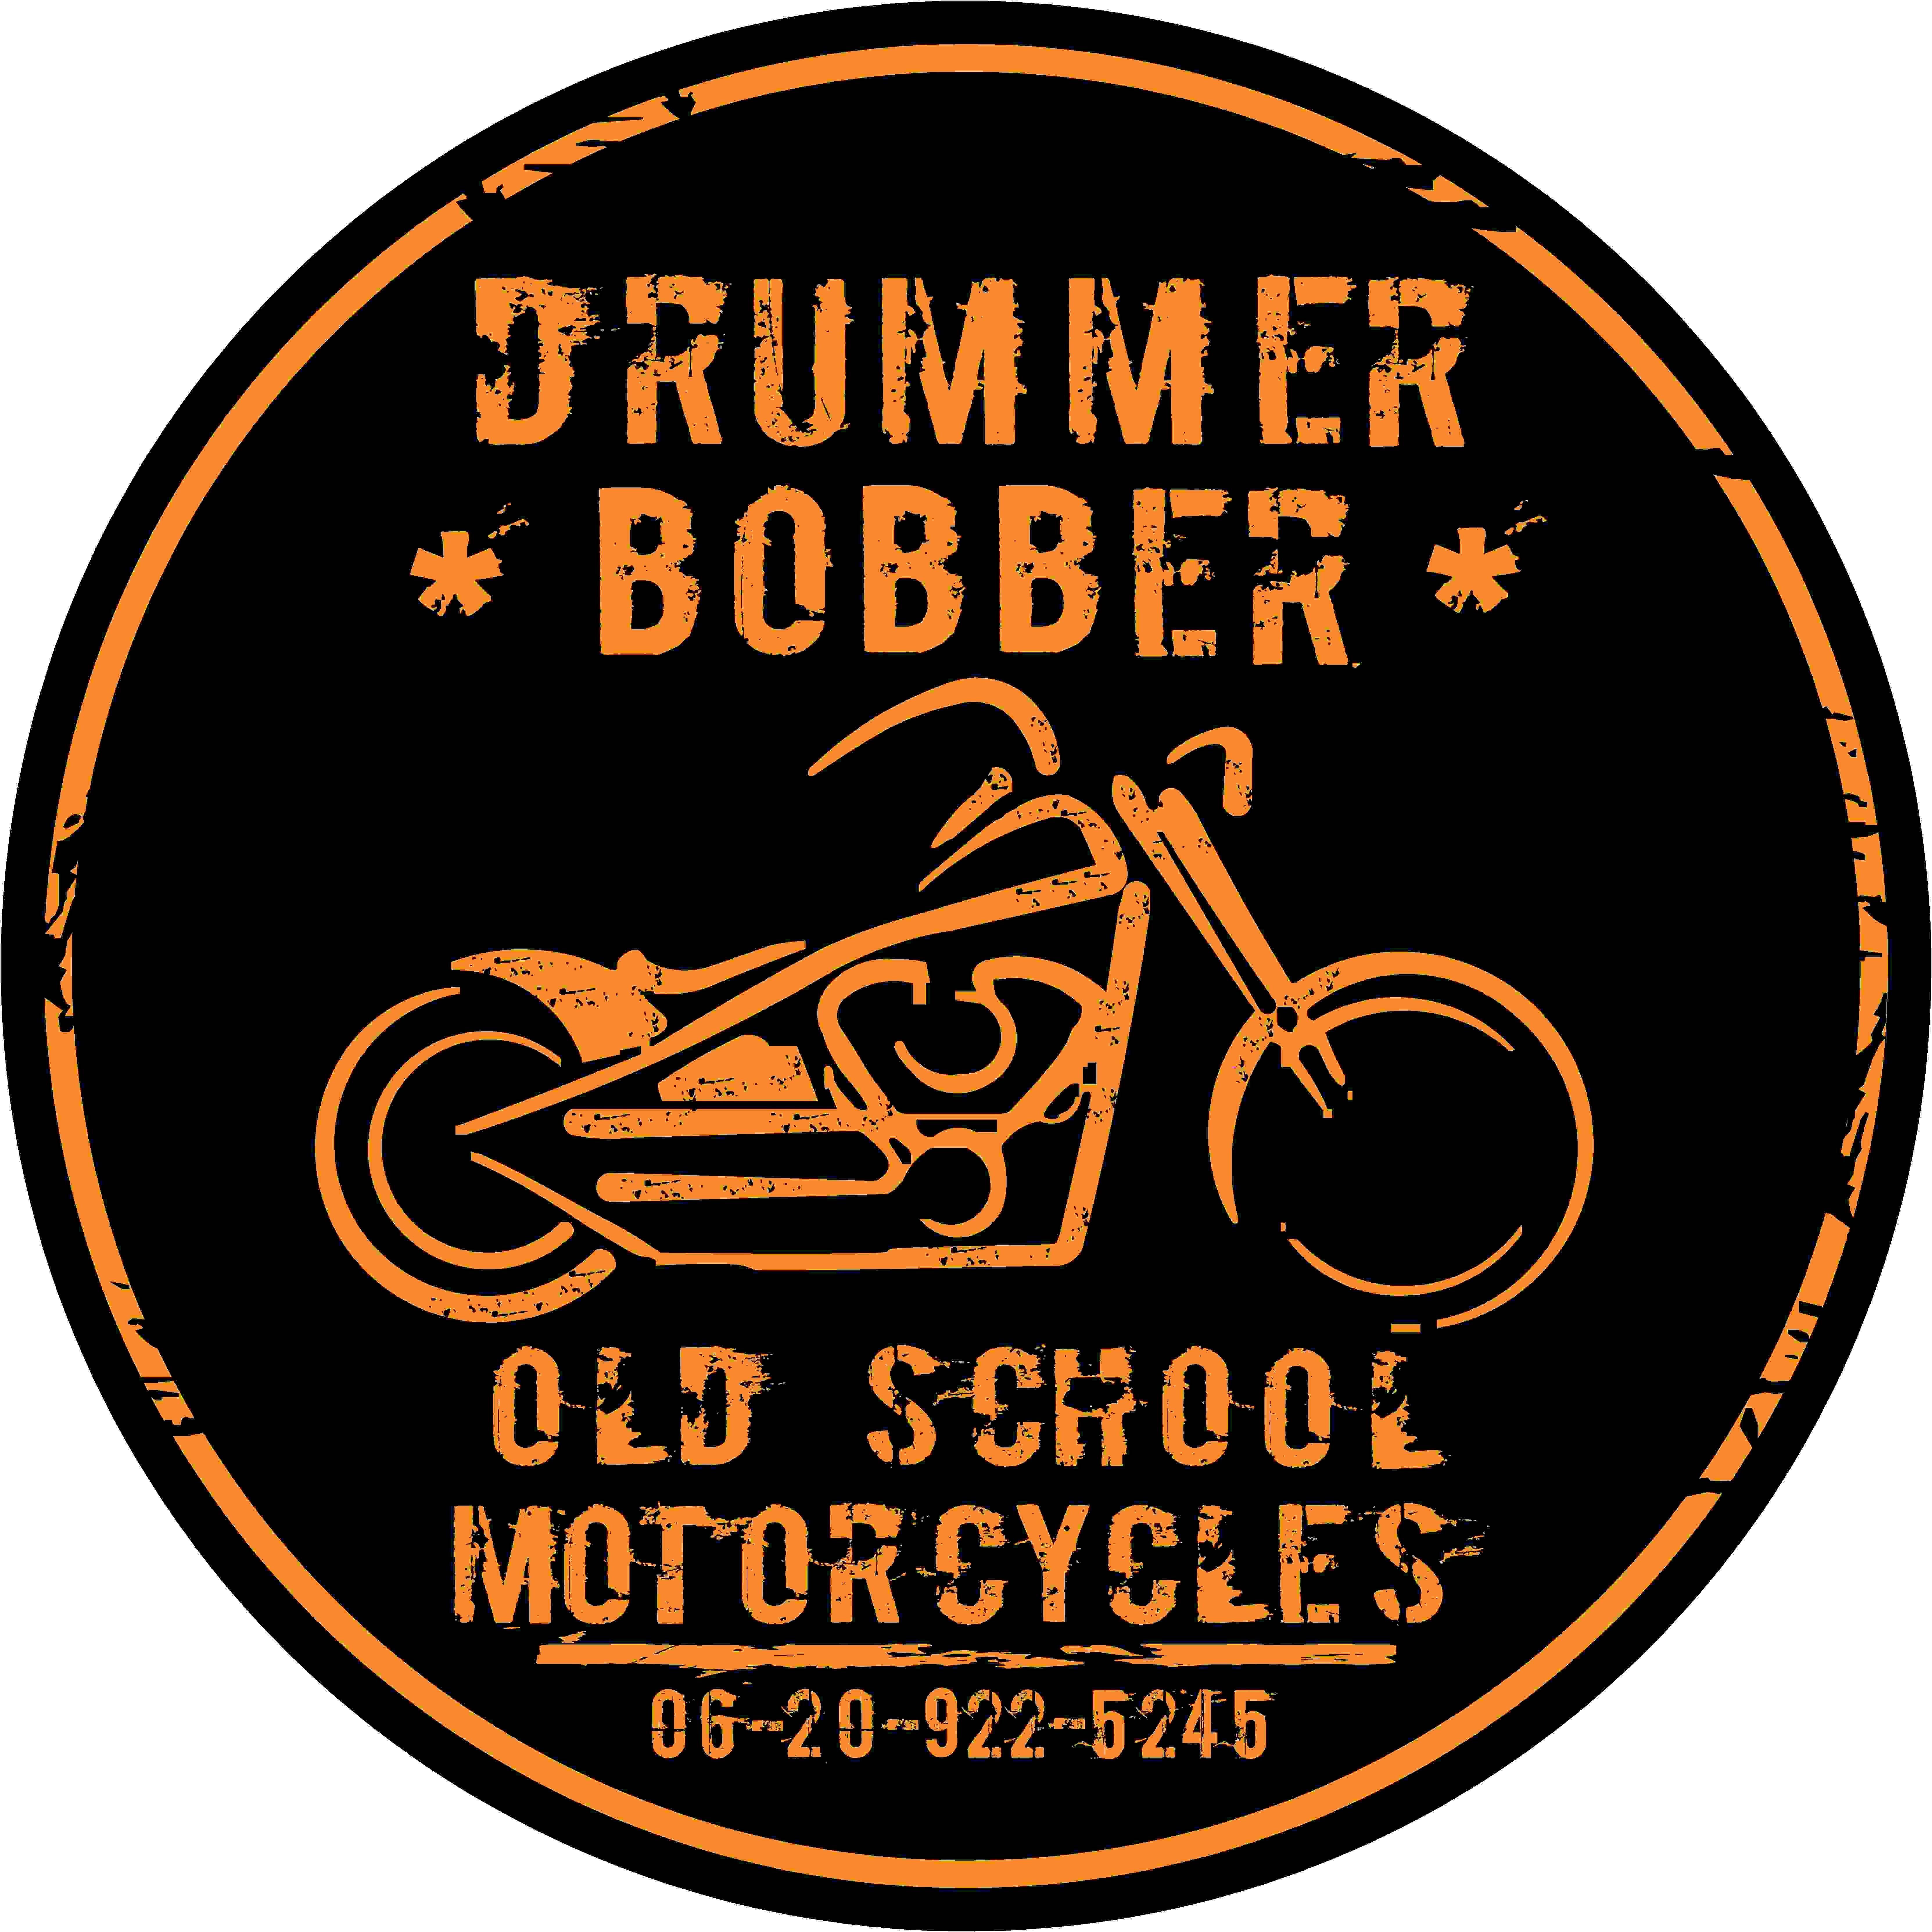 Drummer bobber logo Motorcycles Pinterest Bobbers